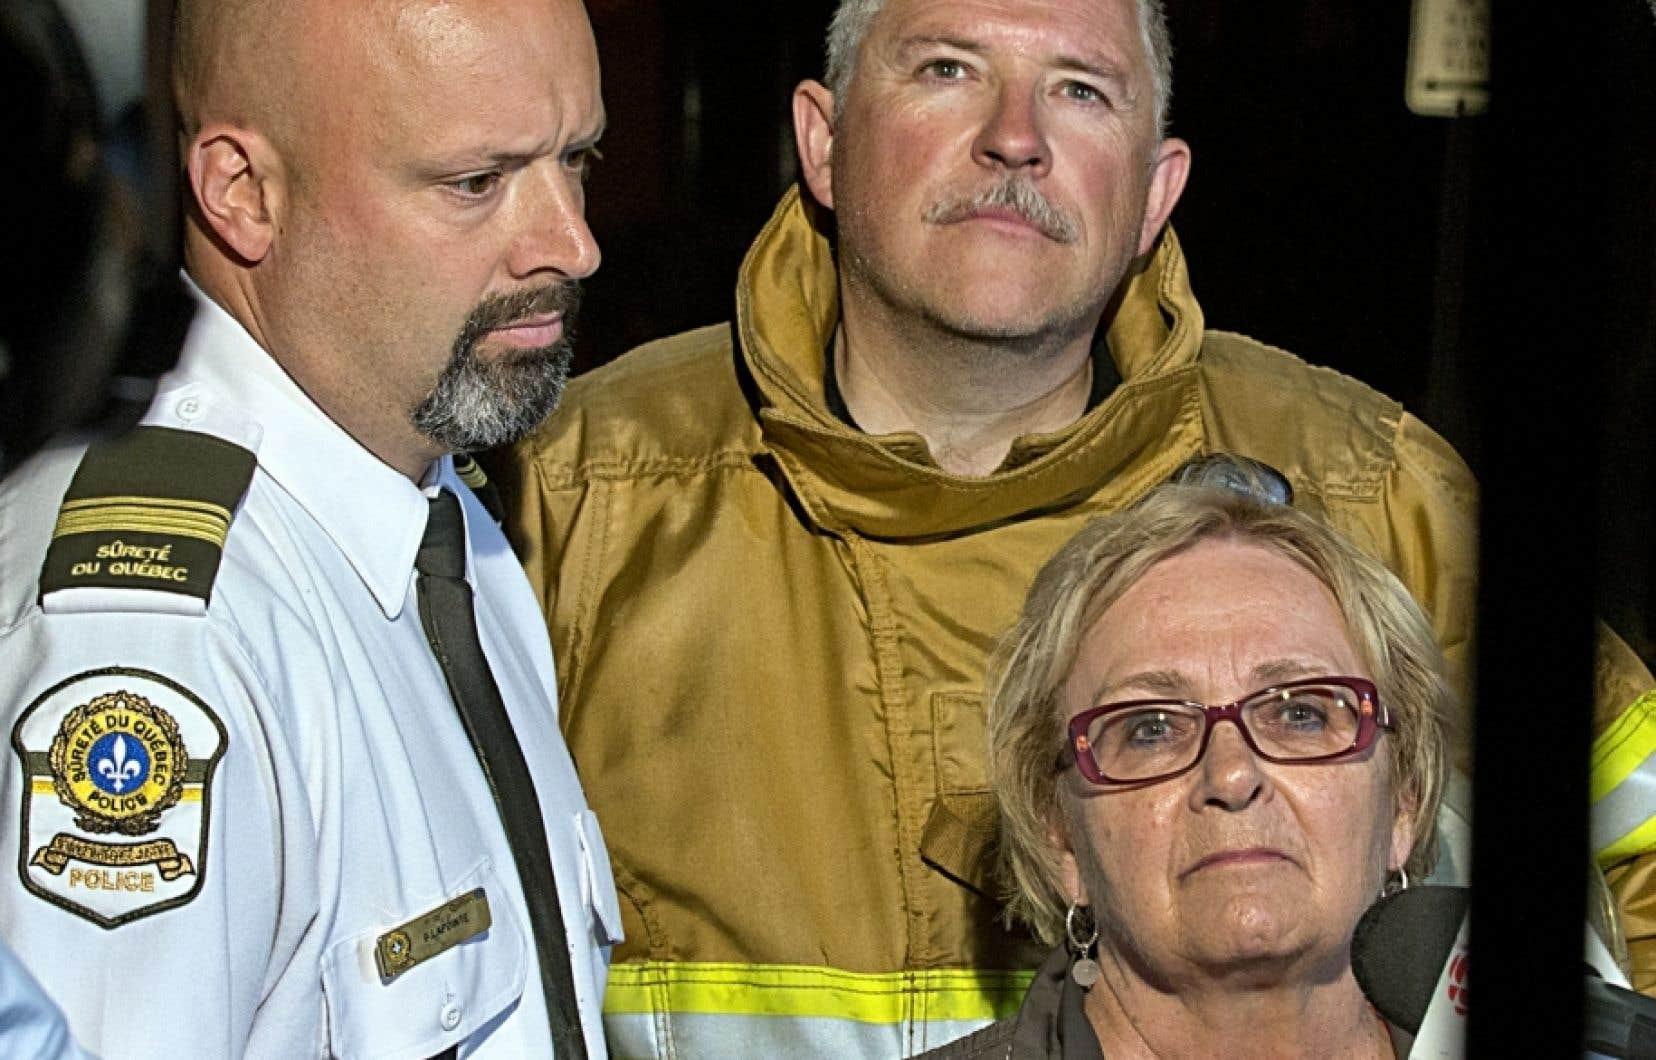 Au lendemain de la catastrophe dans cette photo d'archive, le lieutenant Guy Lapointe de la Sûreté du Québec, le chef pompier Denis Lauzon et la mairesse de Lac-Mégantic Colette Roy-Laroche.